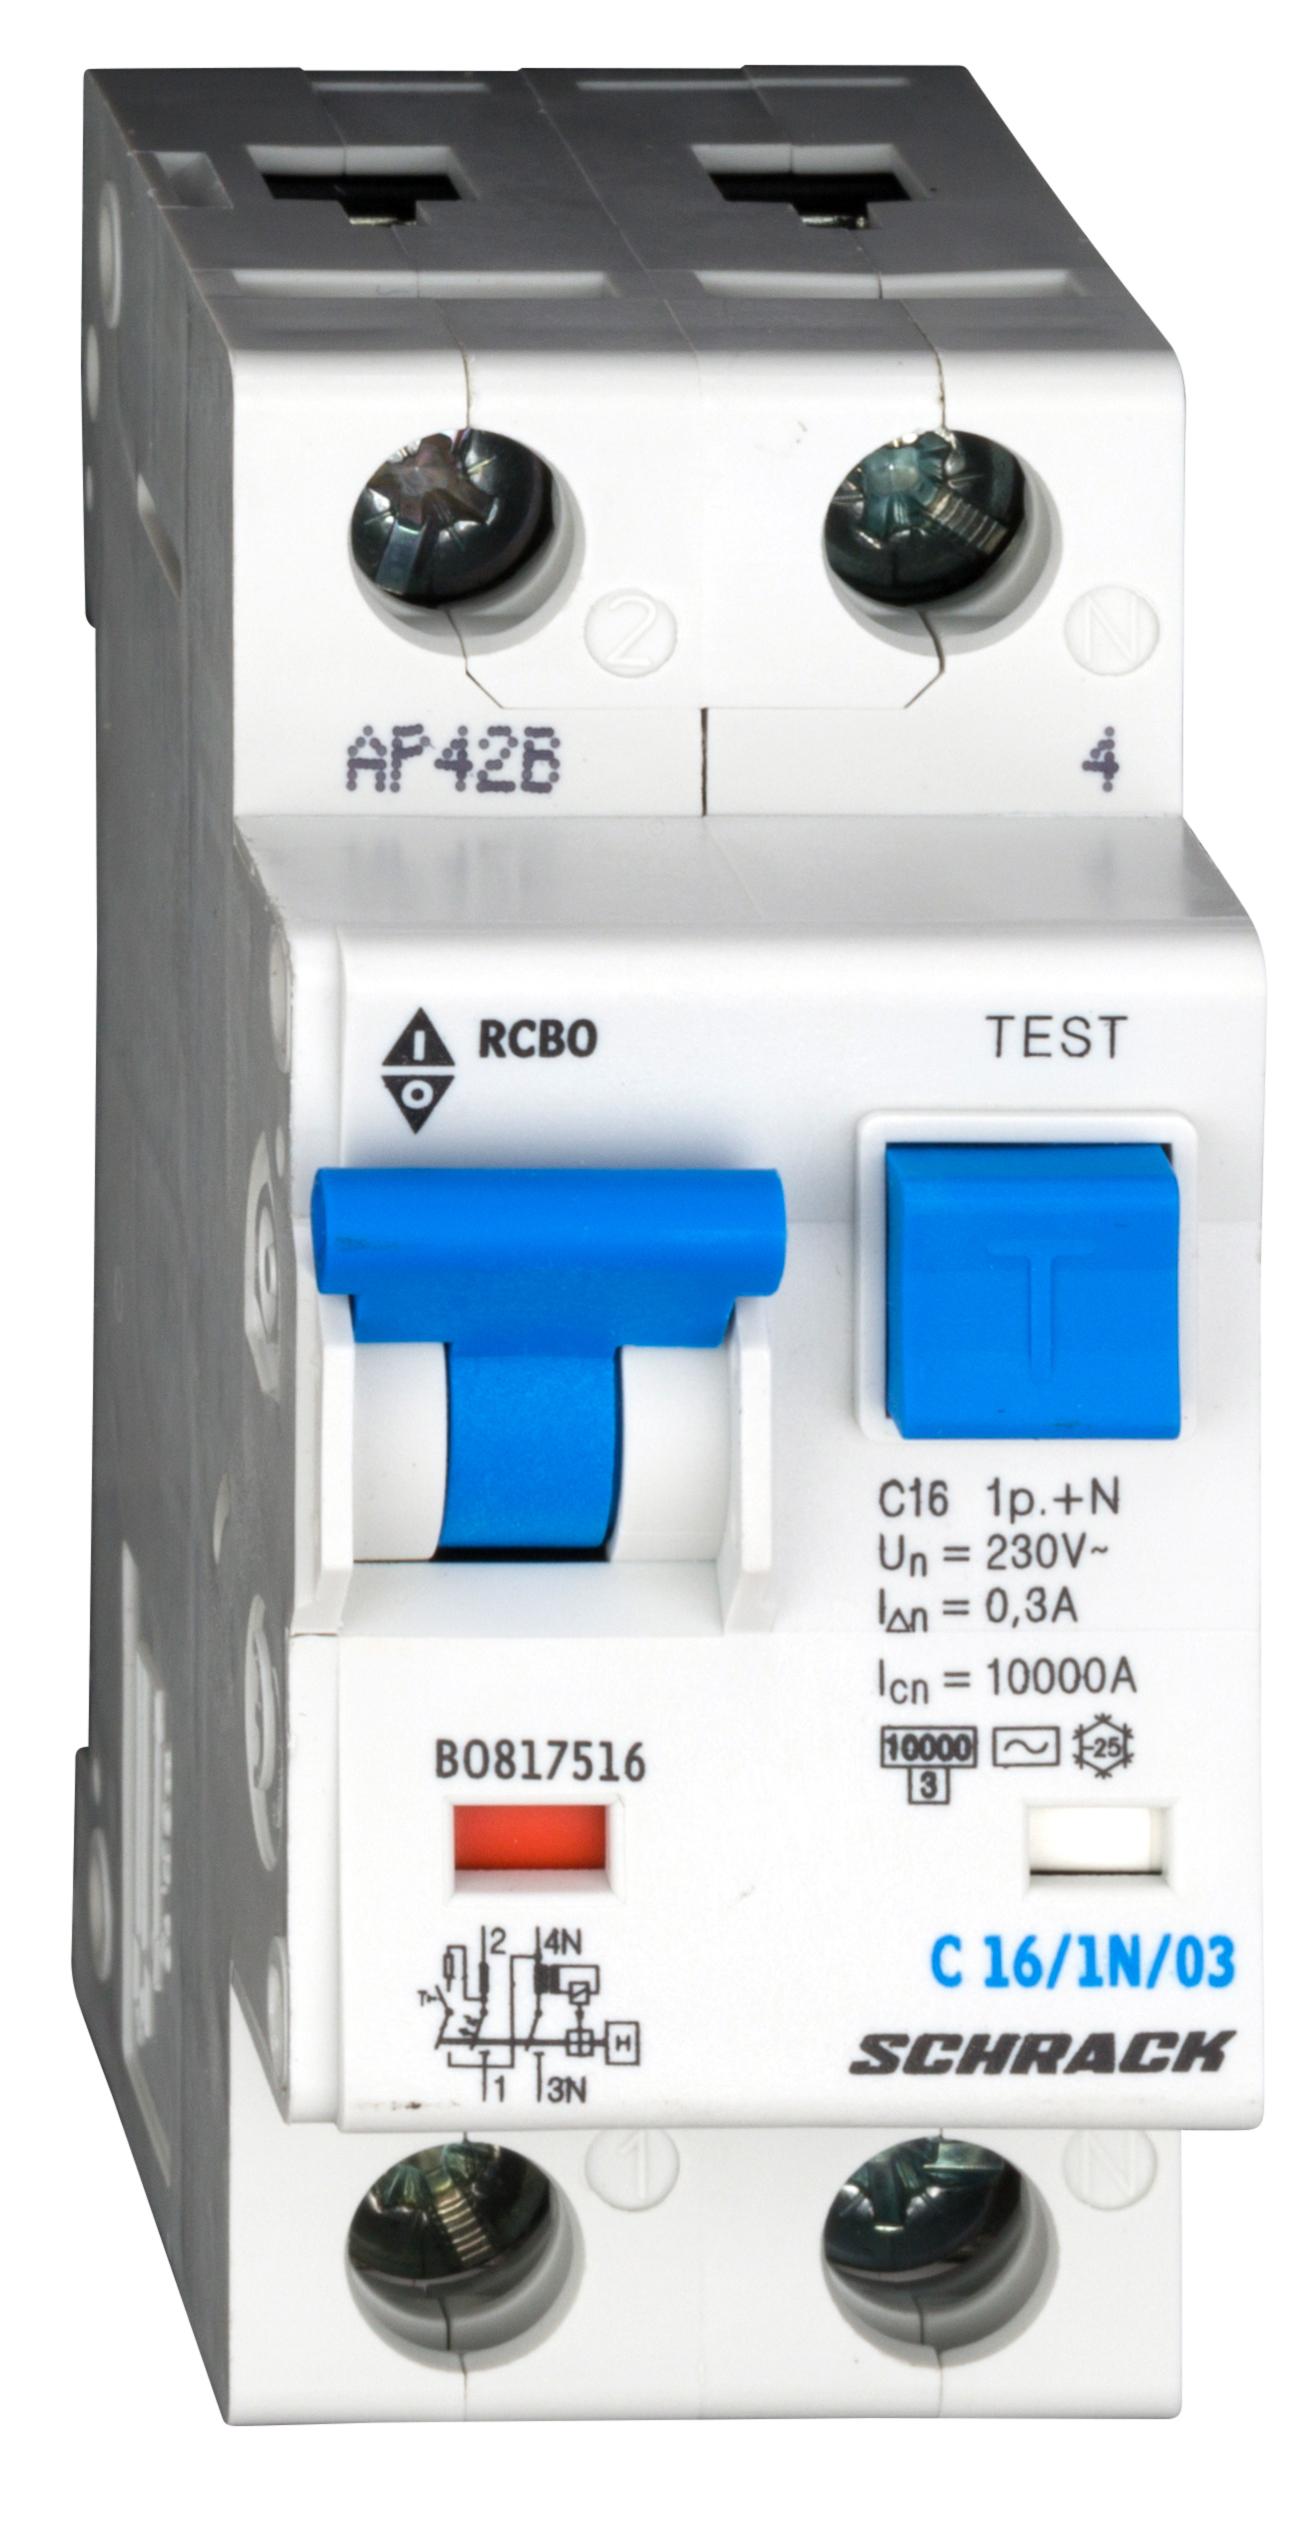 1 Stk LS-FI-Schalter, Kennlinie C, 16A, 300mA, 1-polig+N, Typ AC BO817516--